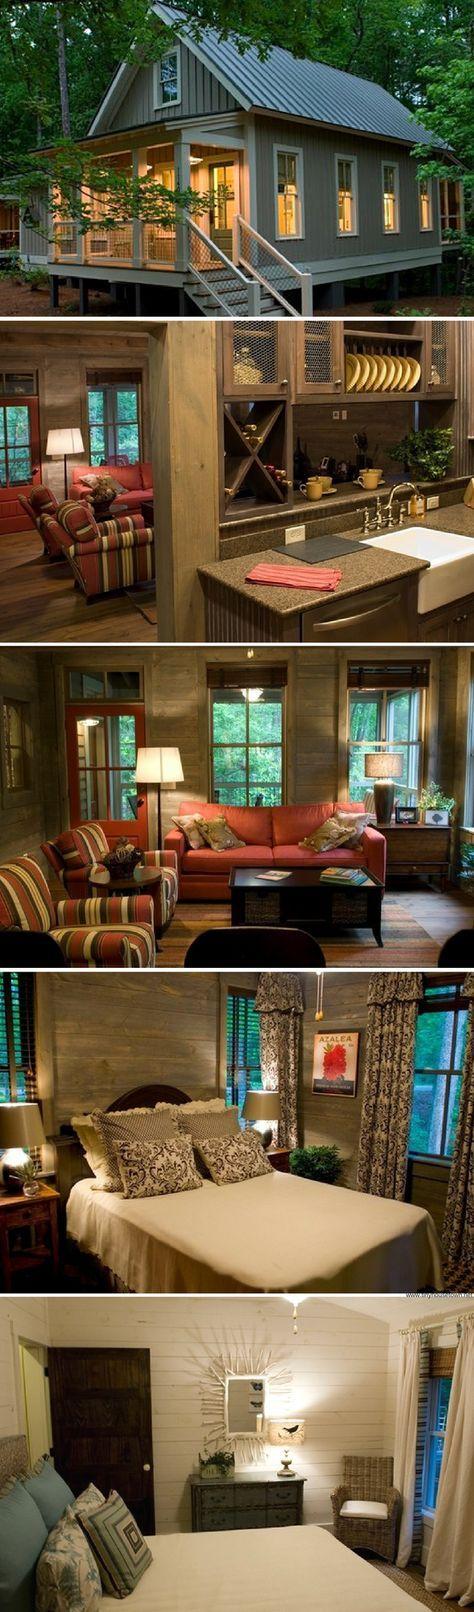 Camp Calloway: a 1,091 sq ft cabin in Georgia